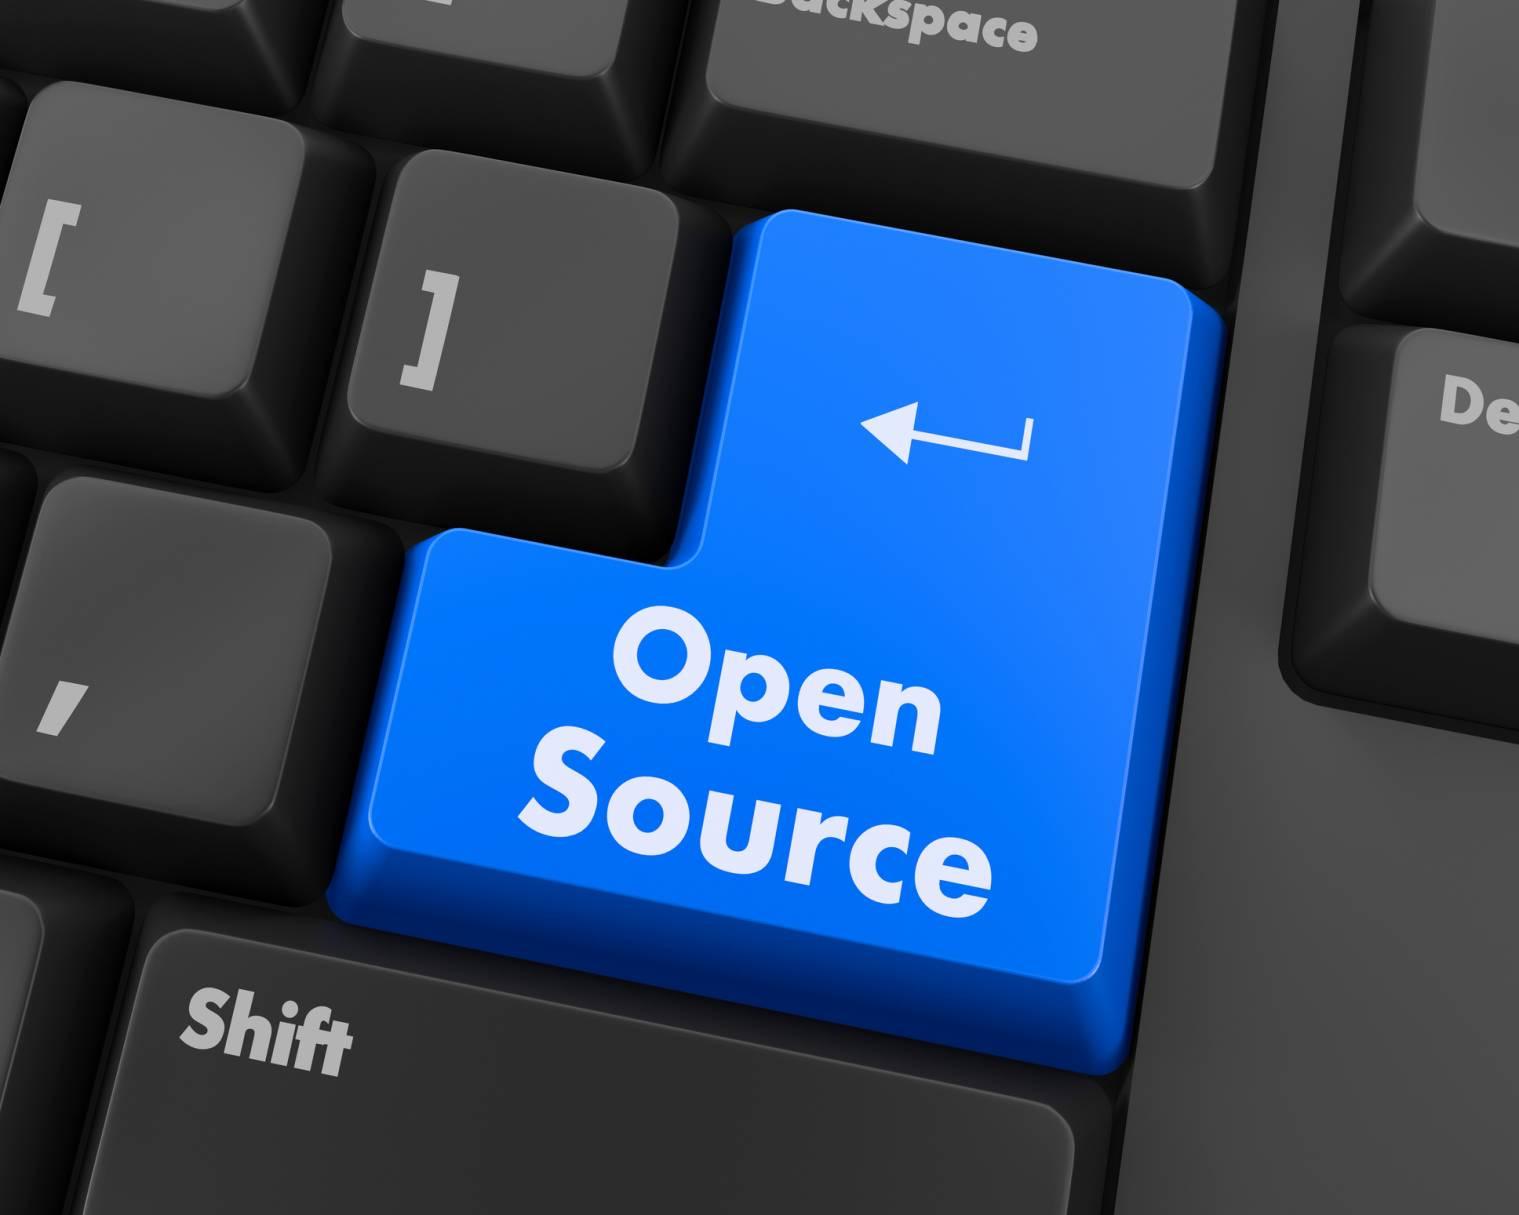 Définition de Open Source : Qu'est-ce que c'est ? - Code source ouvert